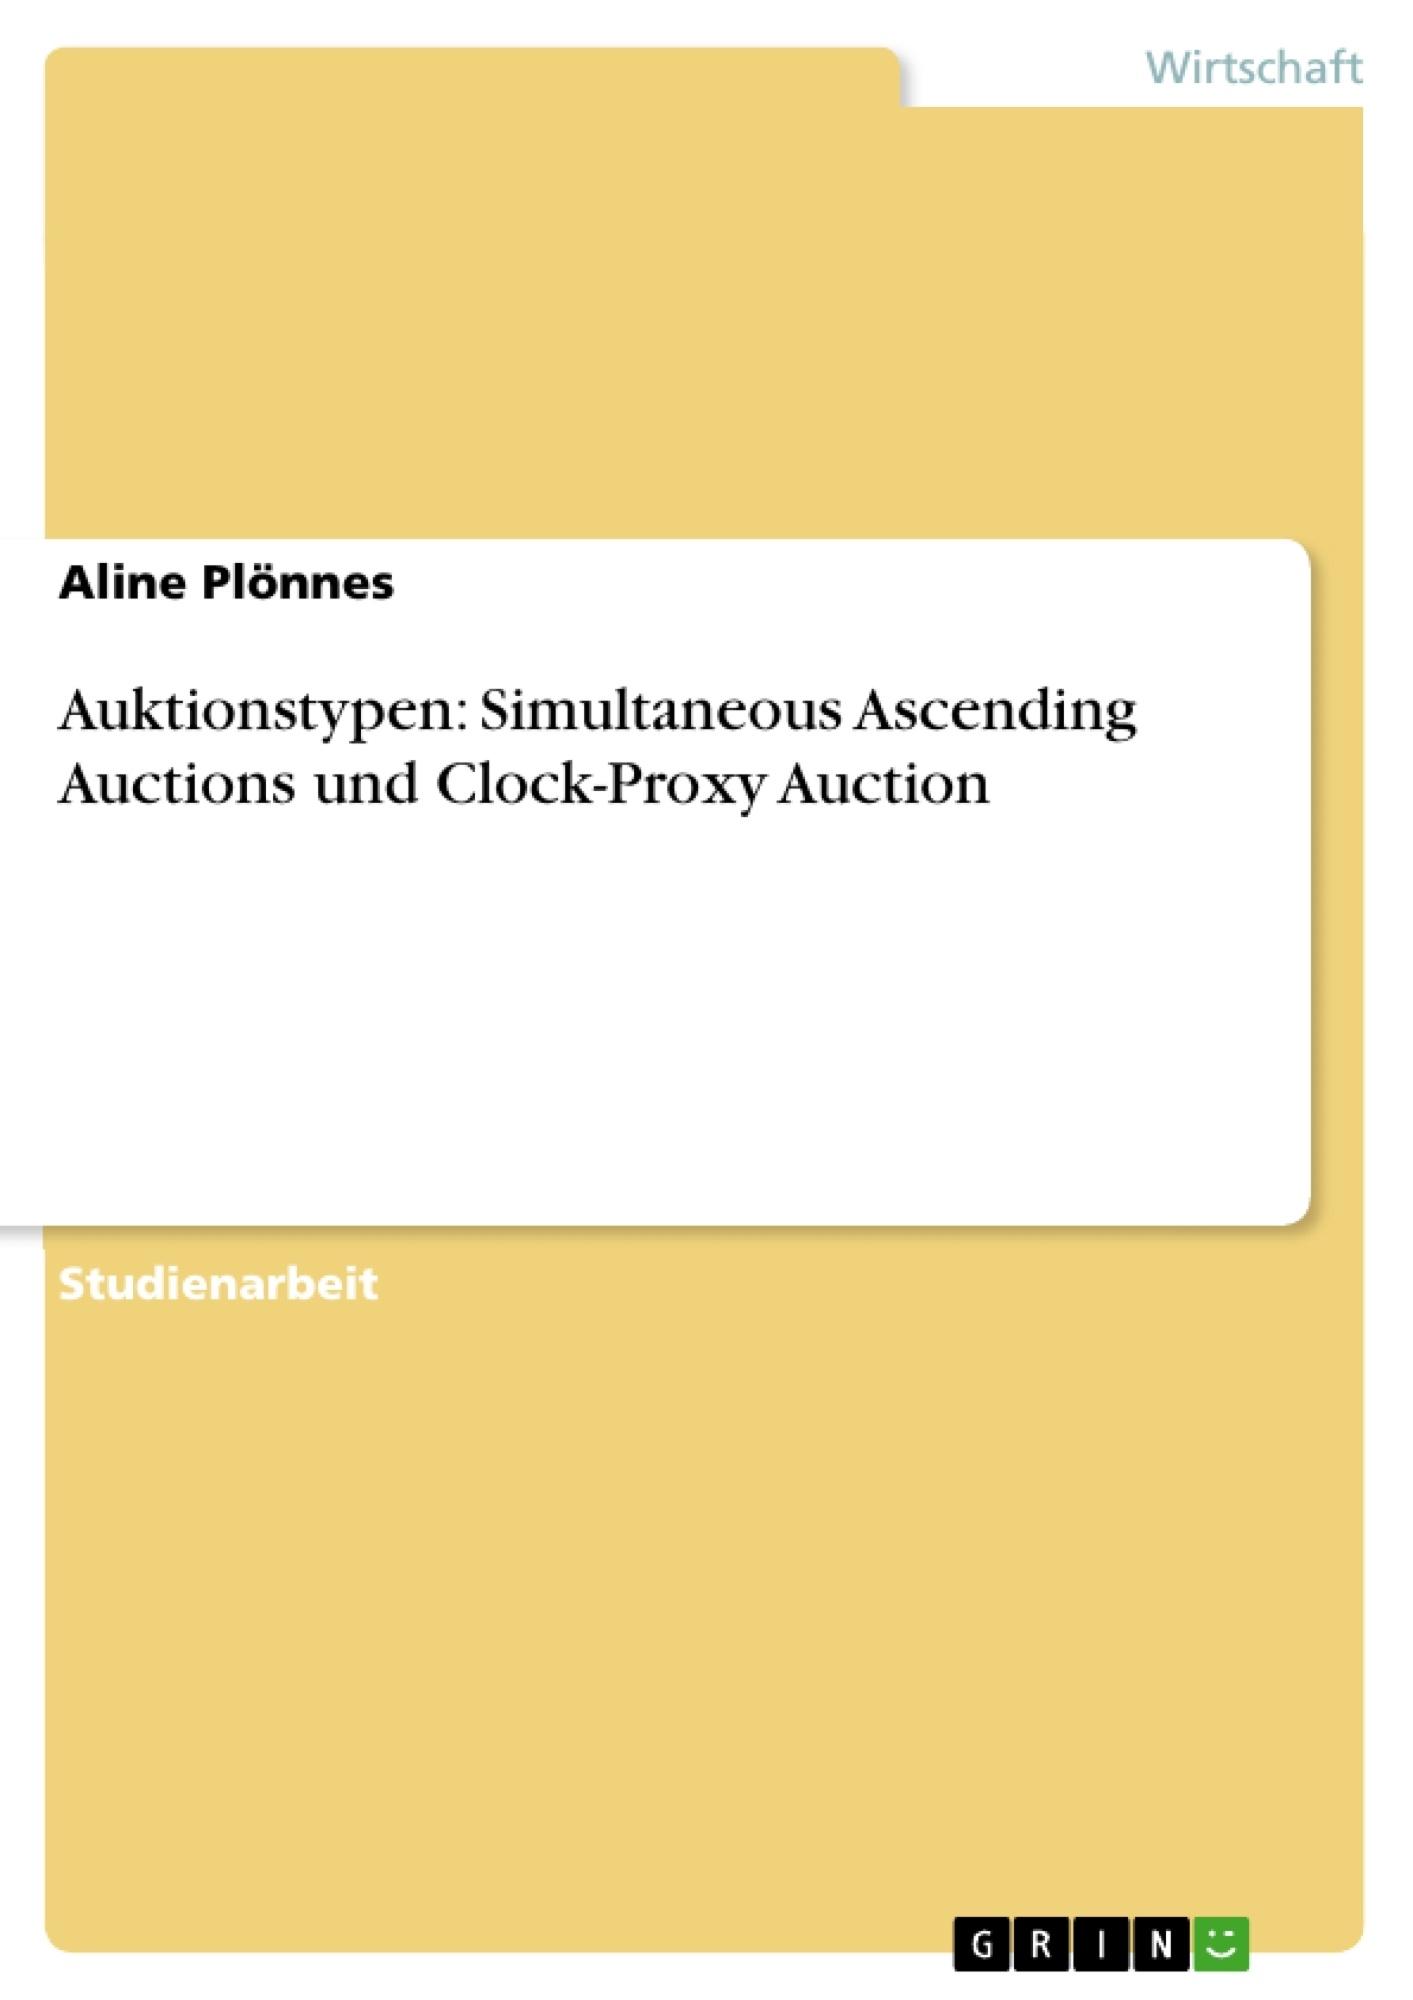 Titel: Auktionstypen: Simultaneous Ascending Auctions und Clock-Proxy Auction